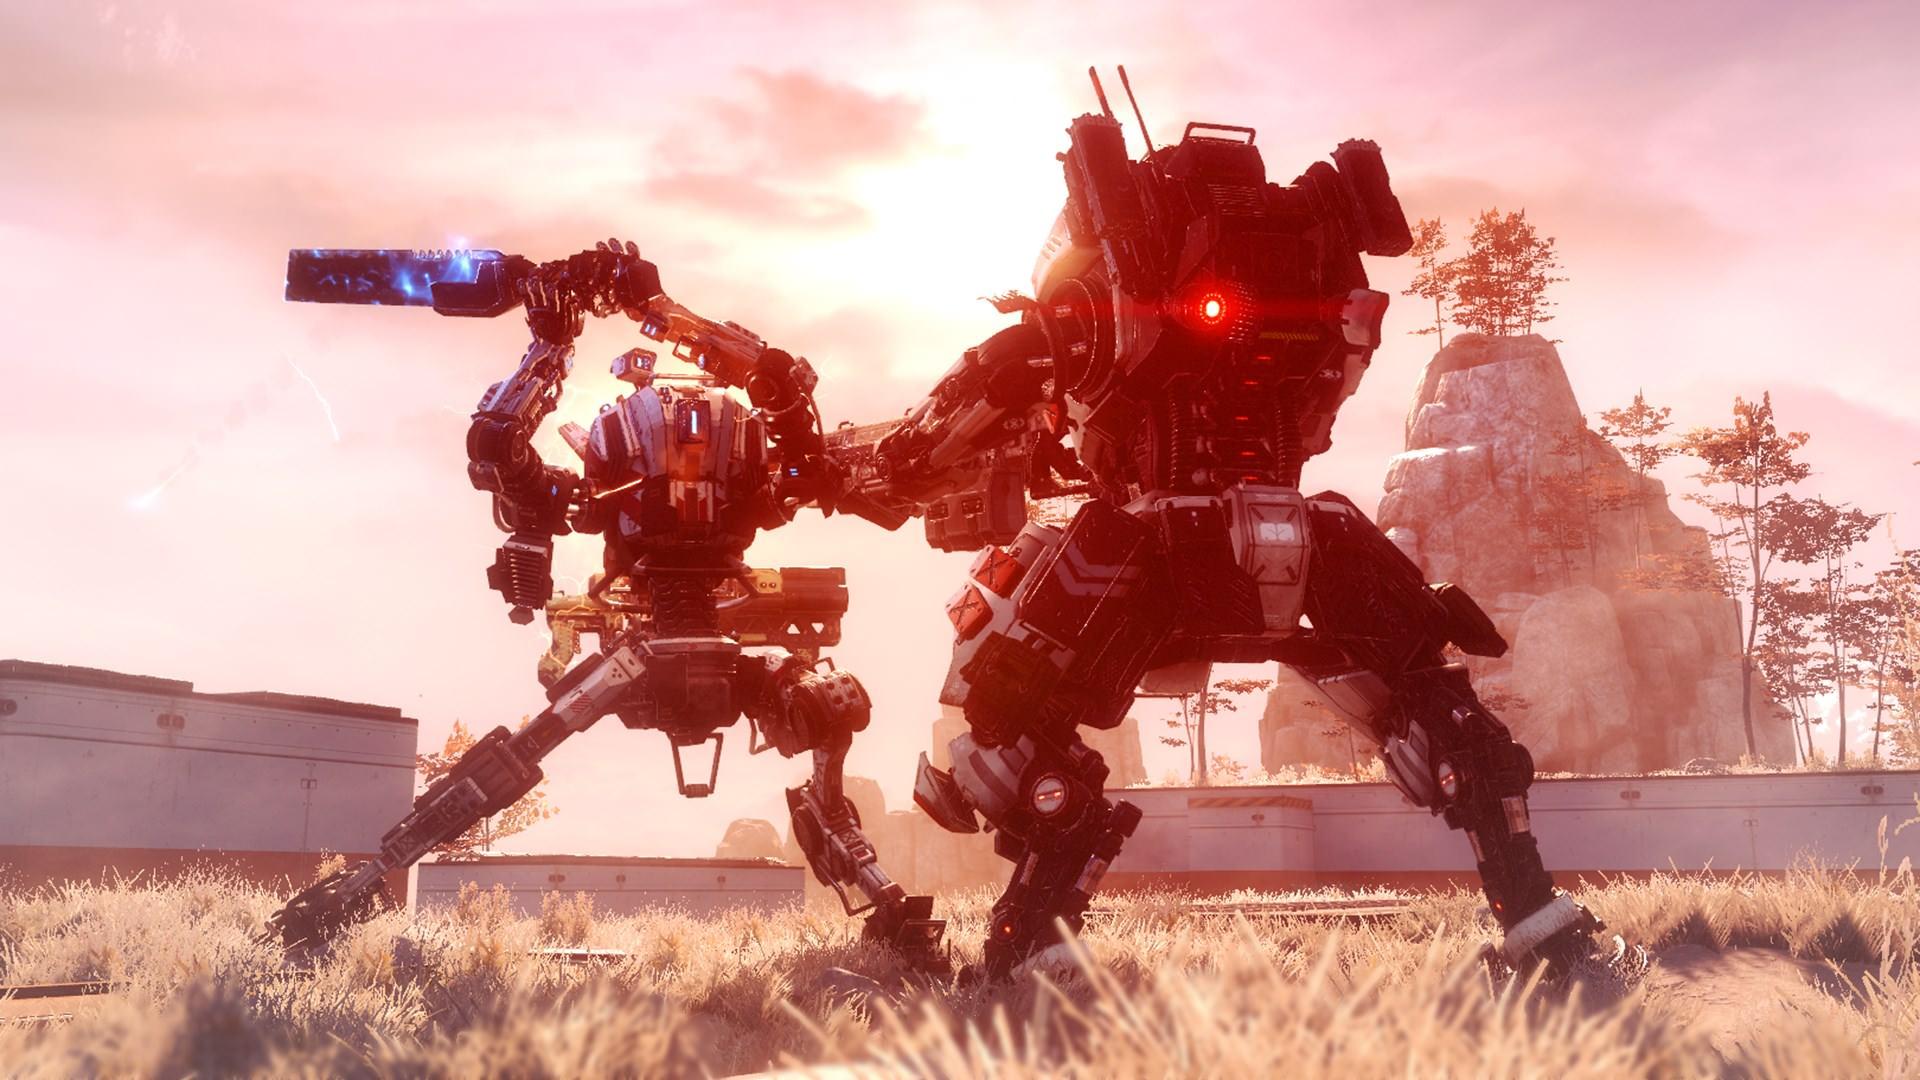 ساخته شدن بازی Titanfall 3 در هالهای از ابهام